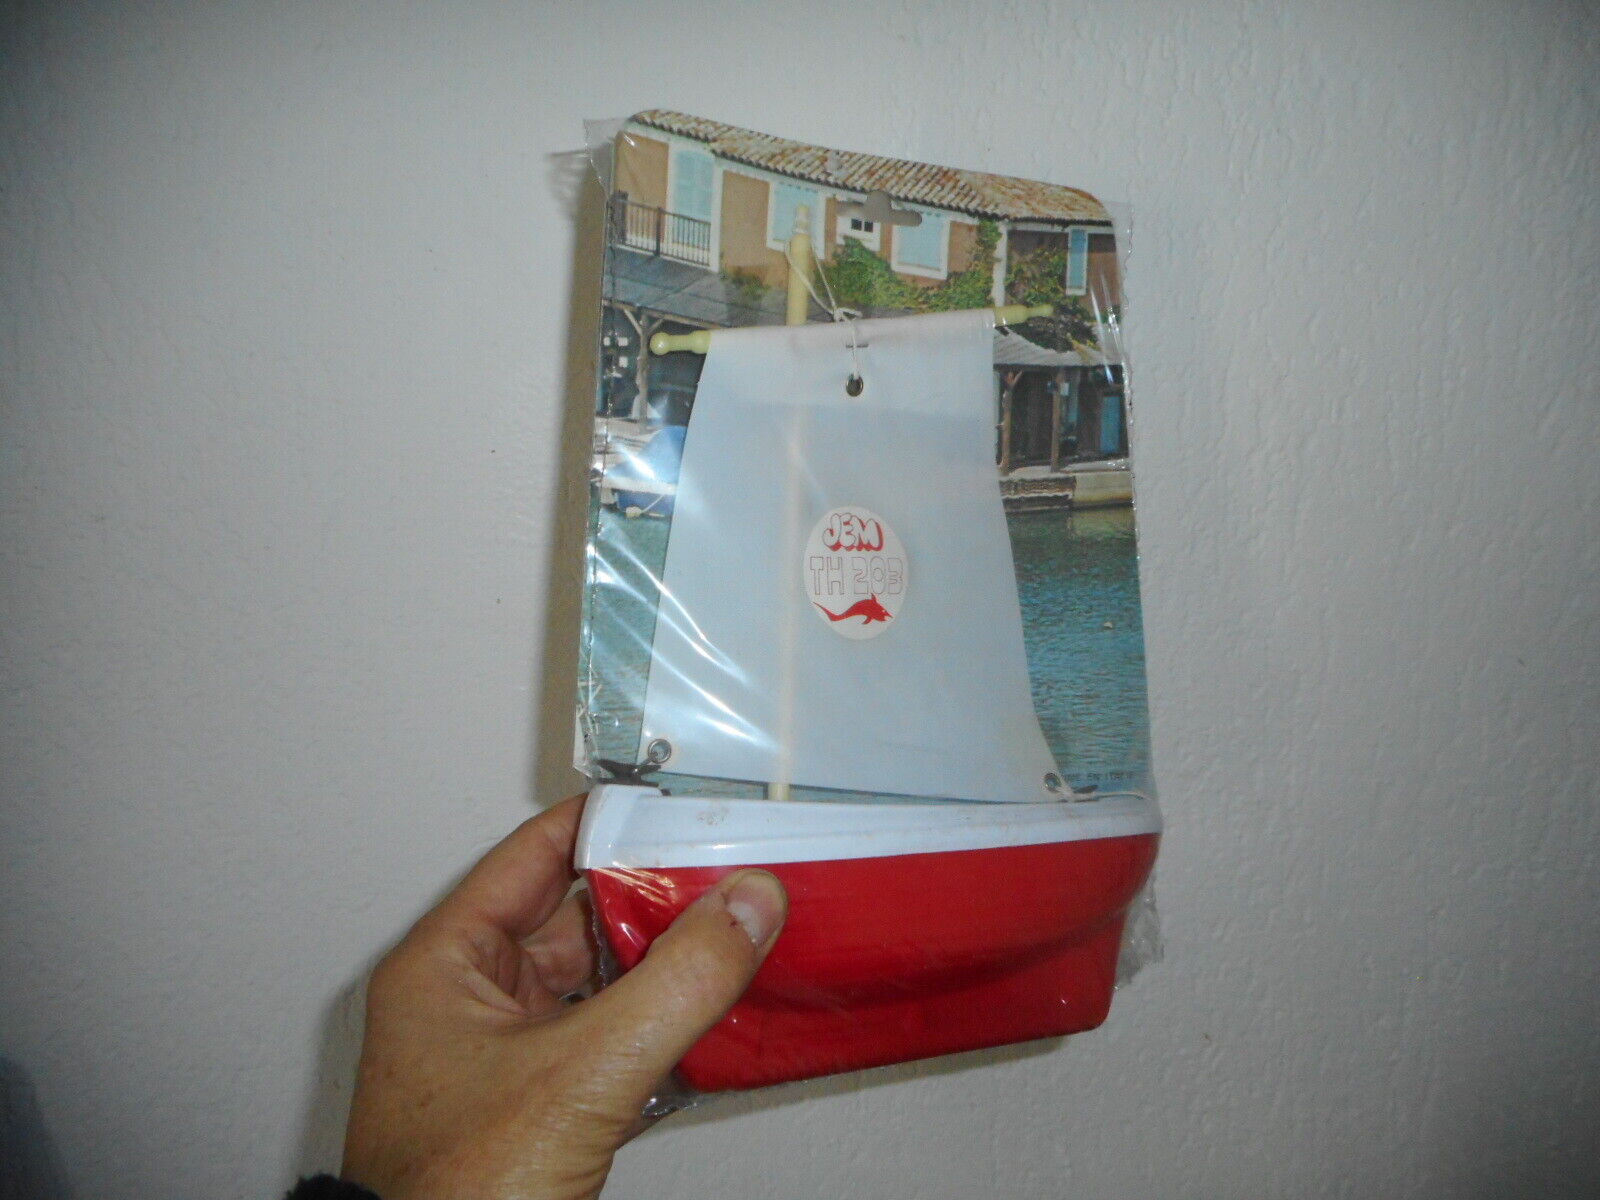 Jem lyon bateau voilier 1980   neuf sur blister et sous film plastique original